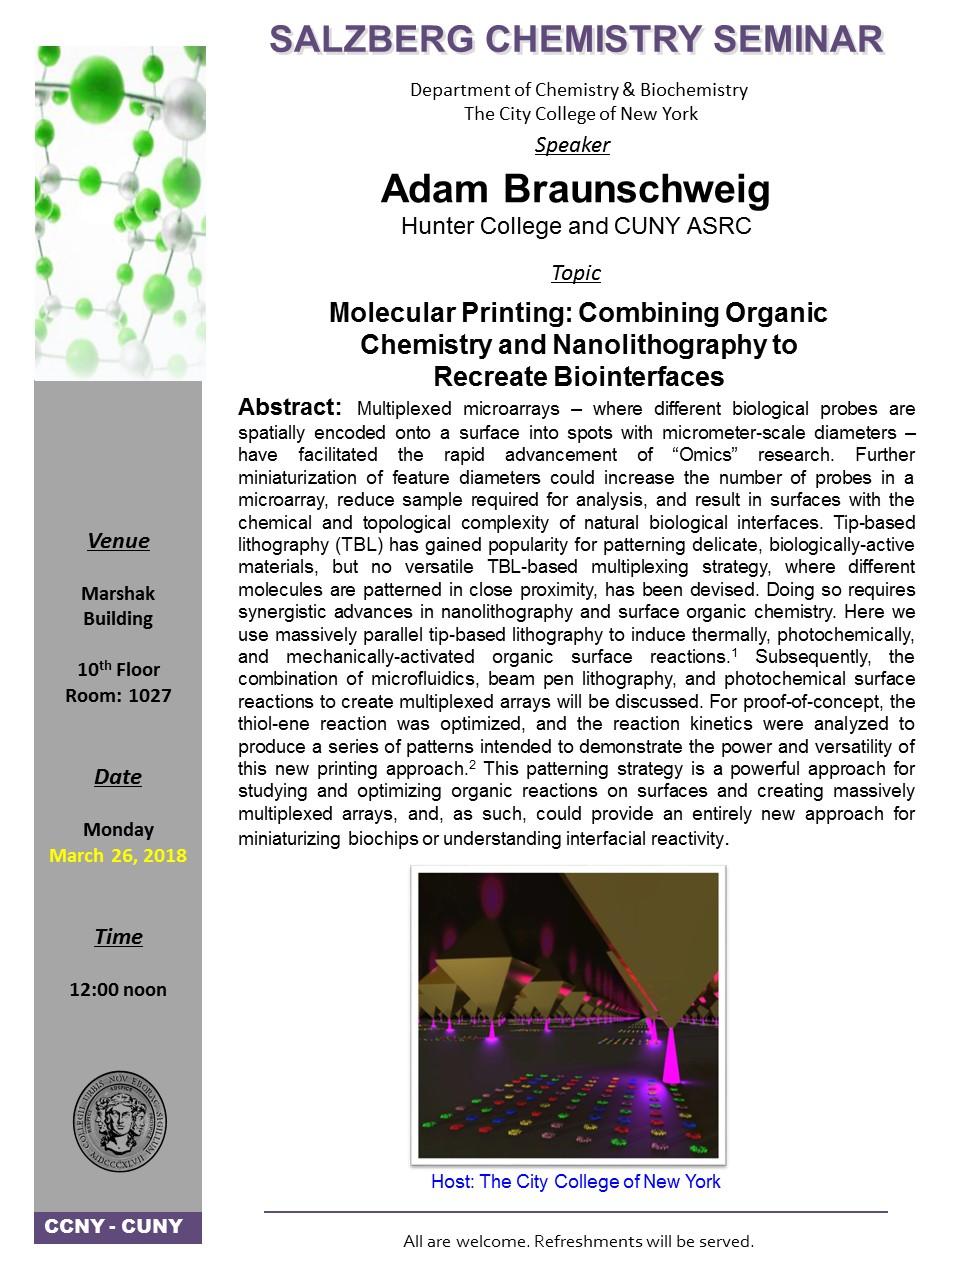 Salzberg Chemistry Seminar - Braunschweig, March 26, 2016